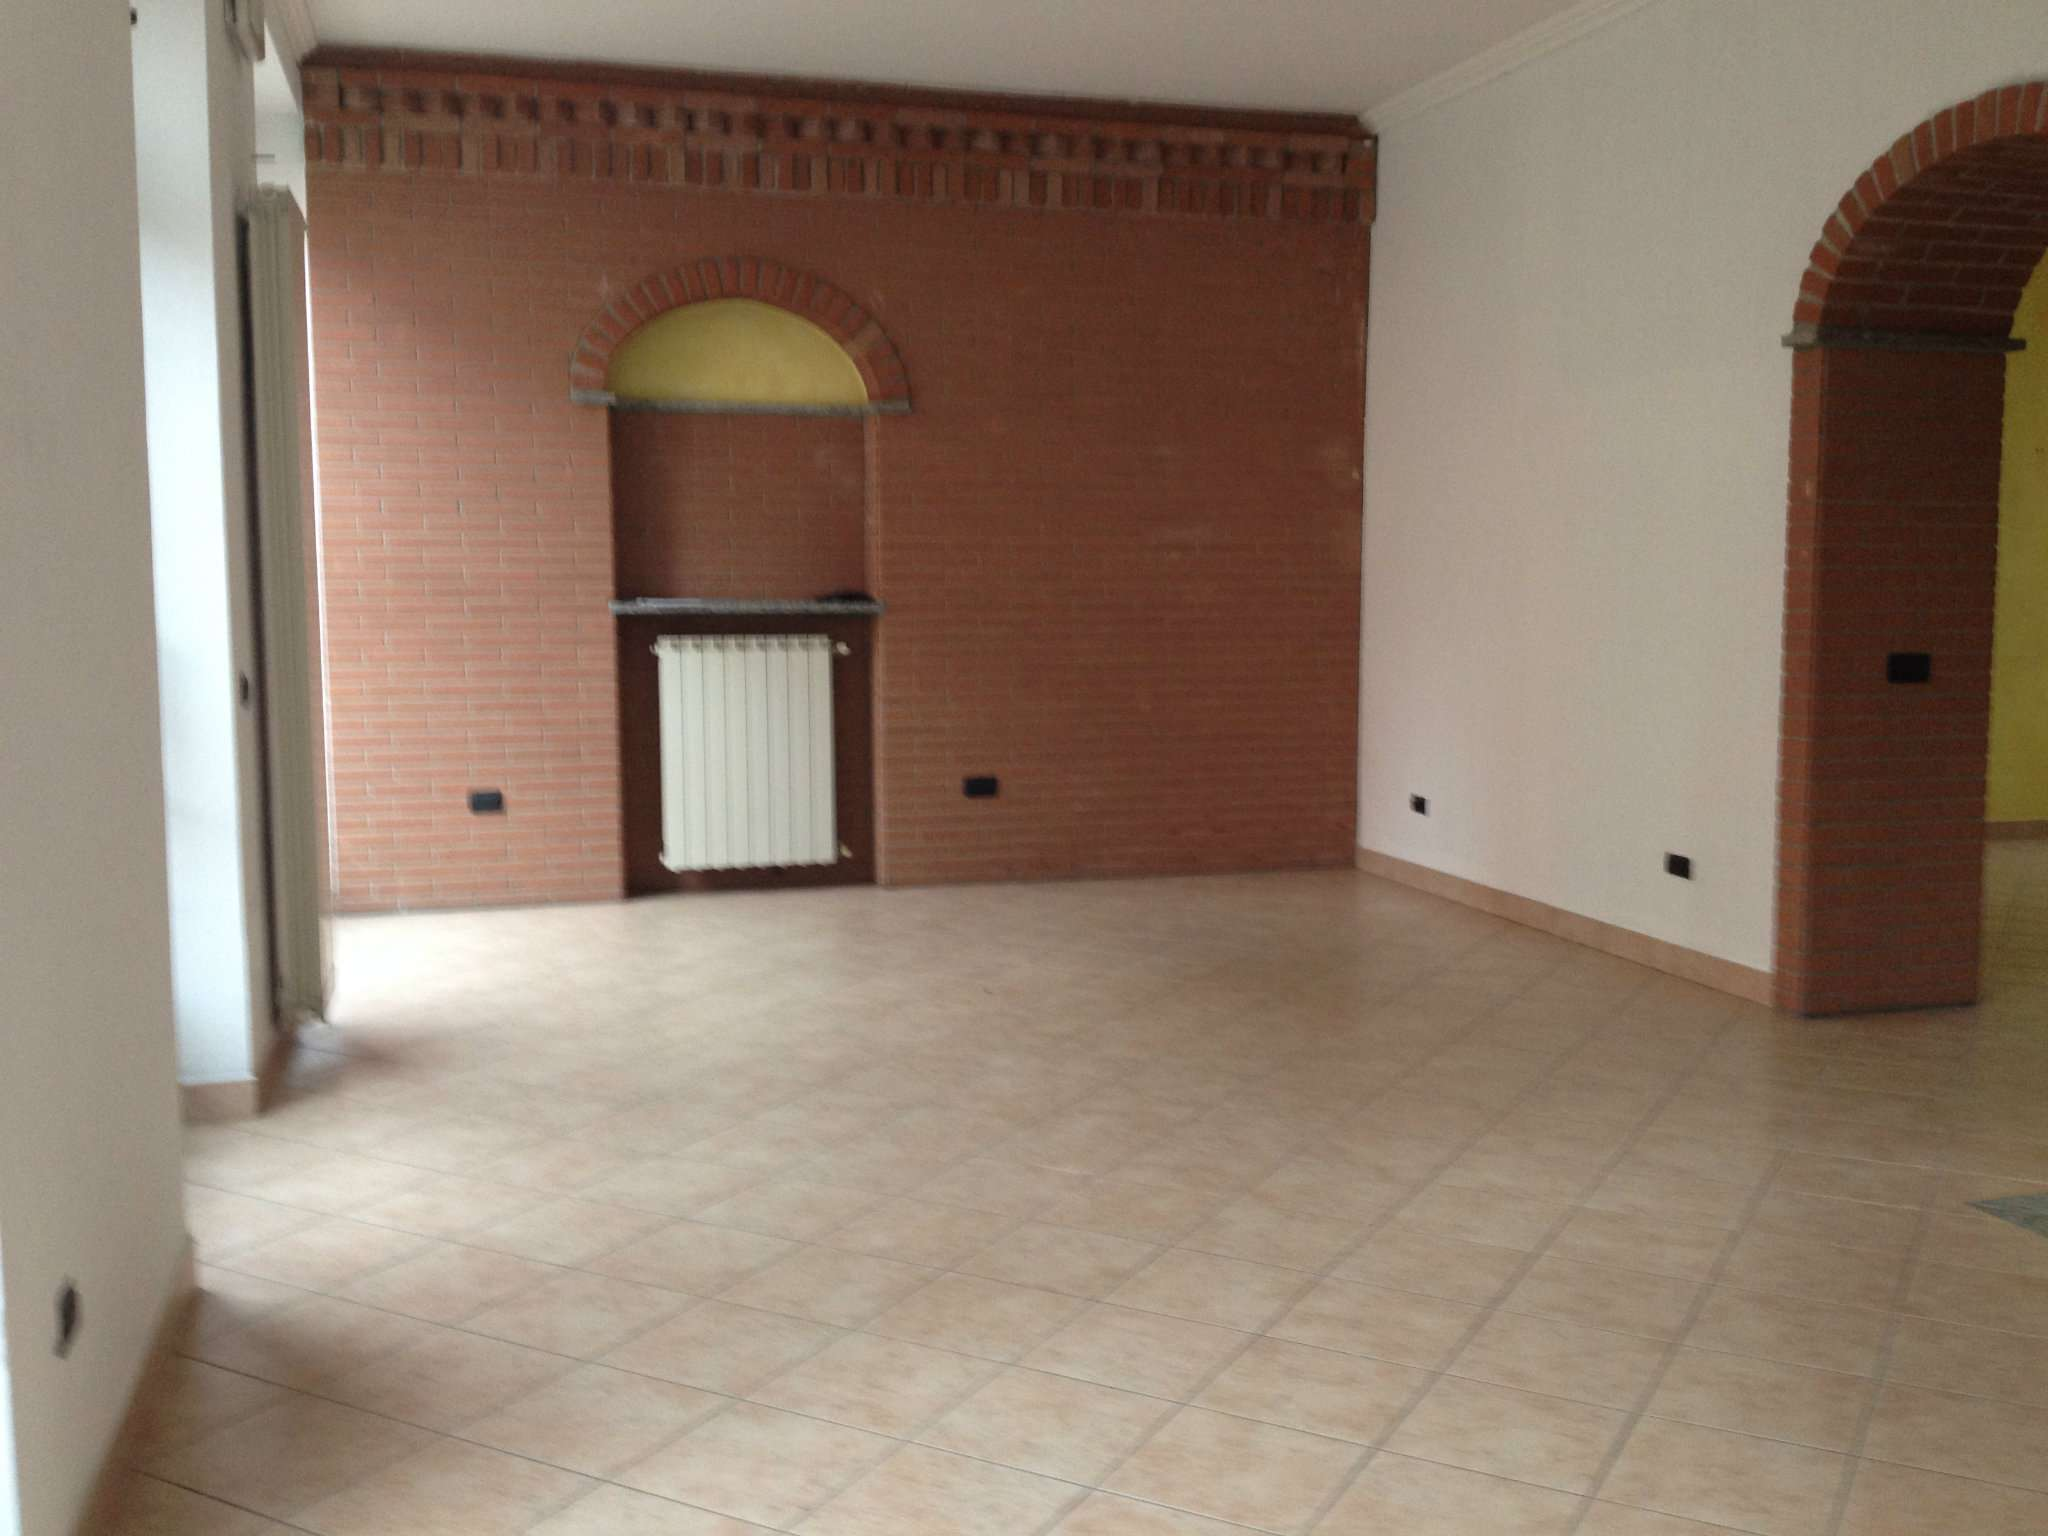 Negozio / Locale in affitto a Malnate, 2 locali, prezzo € 700 | CambioCasa.it